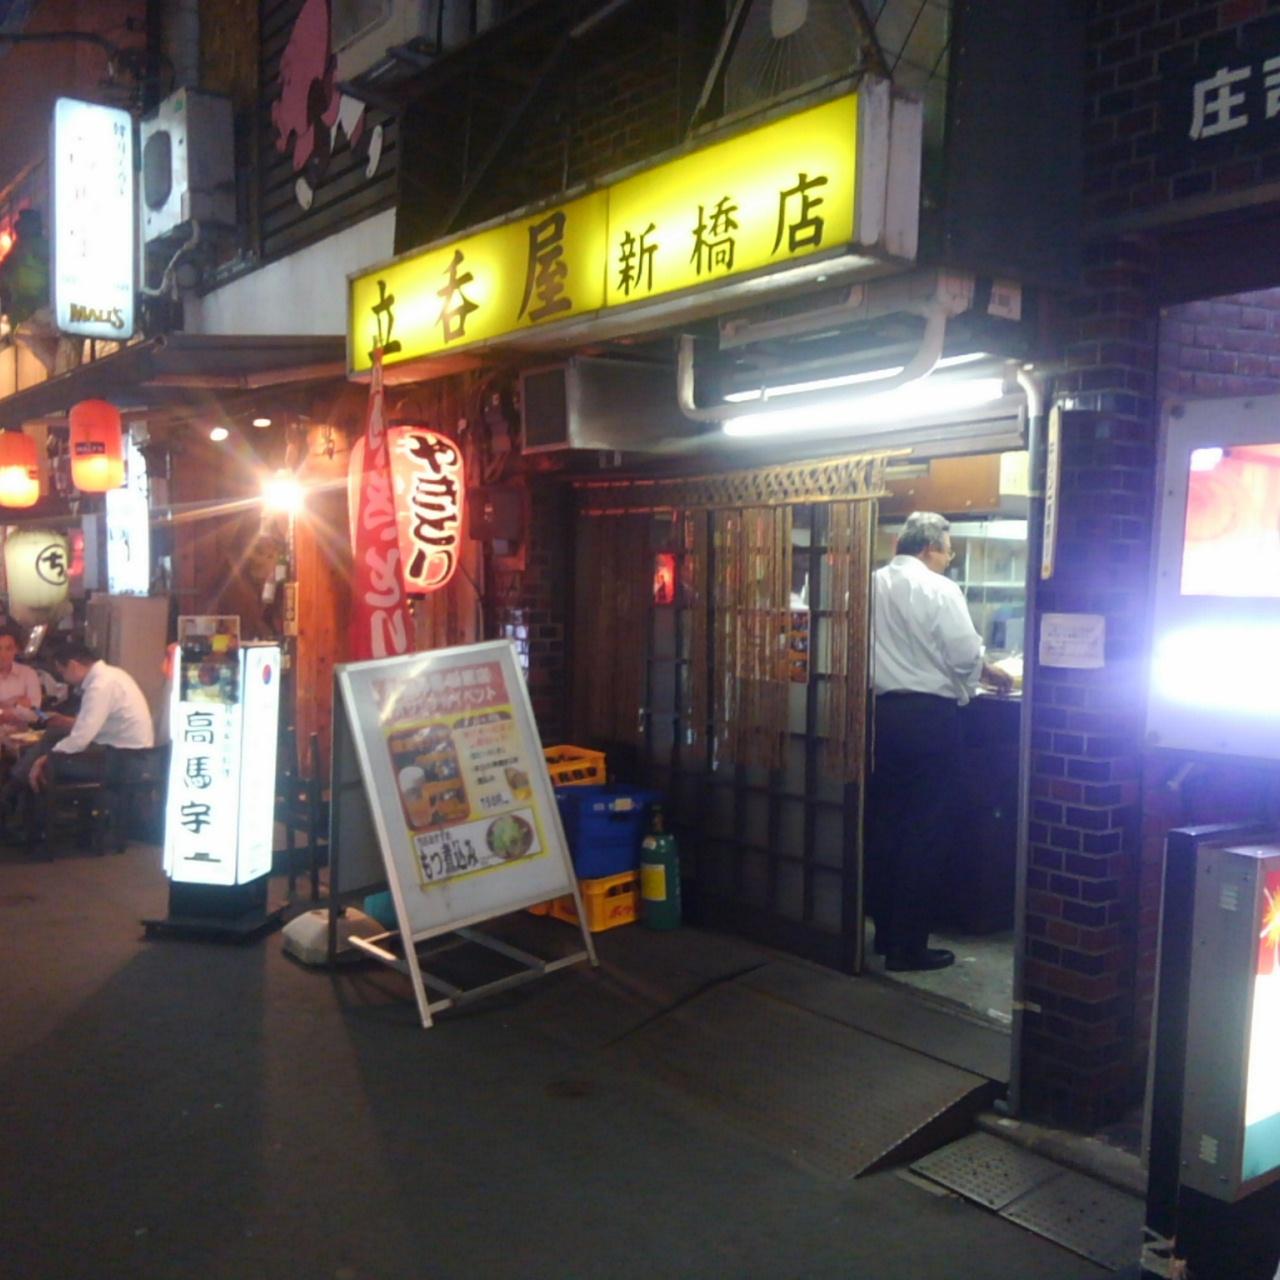 【新橋】立ち呑み屋 常連が集まる老舗せんべろ キャベツ食べ放題は必須でしょう!